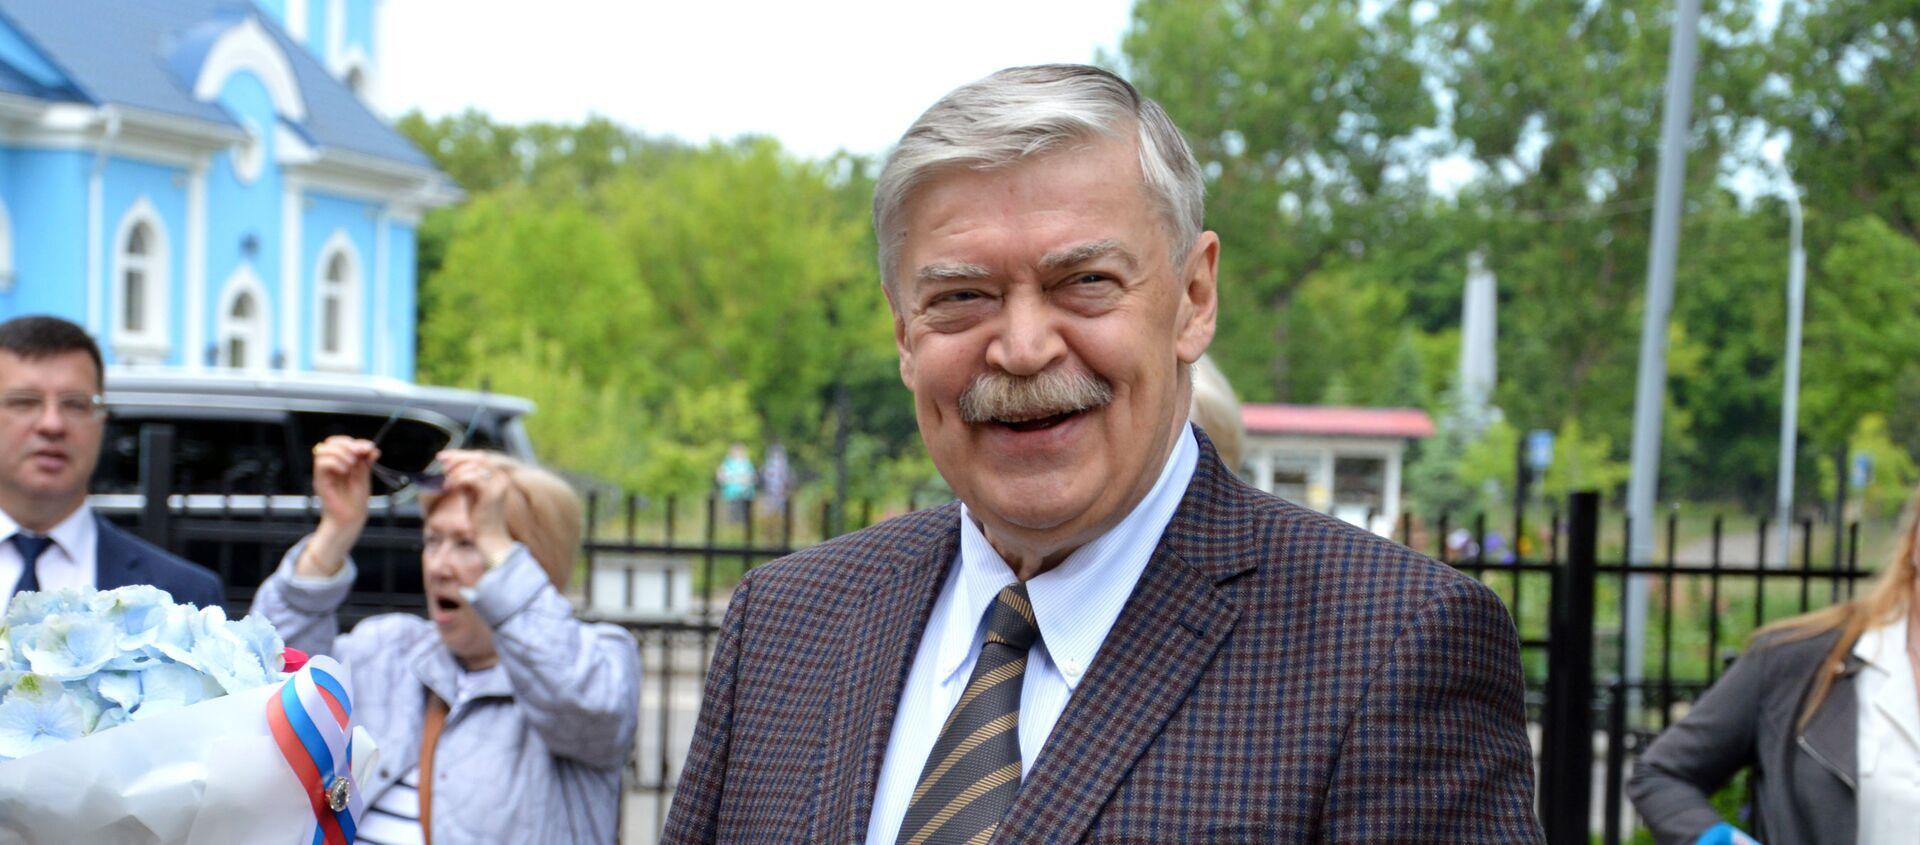 Лукьянов: дорожные карты почти согласованы, уже есть планы по их реализации - Sputnik Беларусь, 1920, 04.06.2021